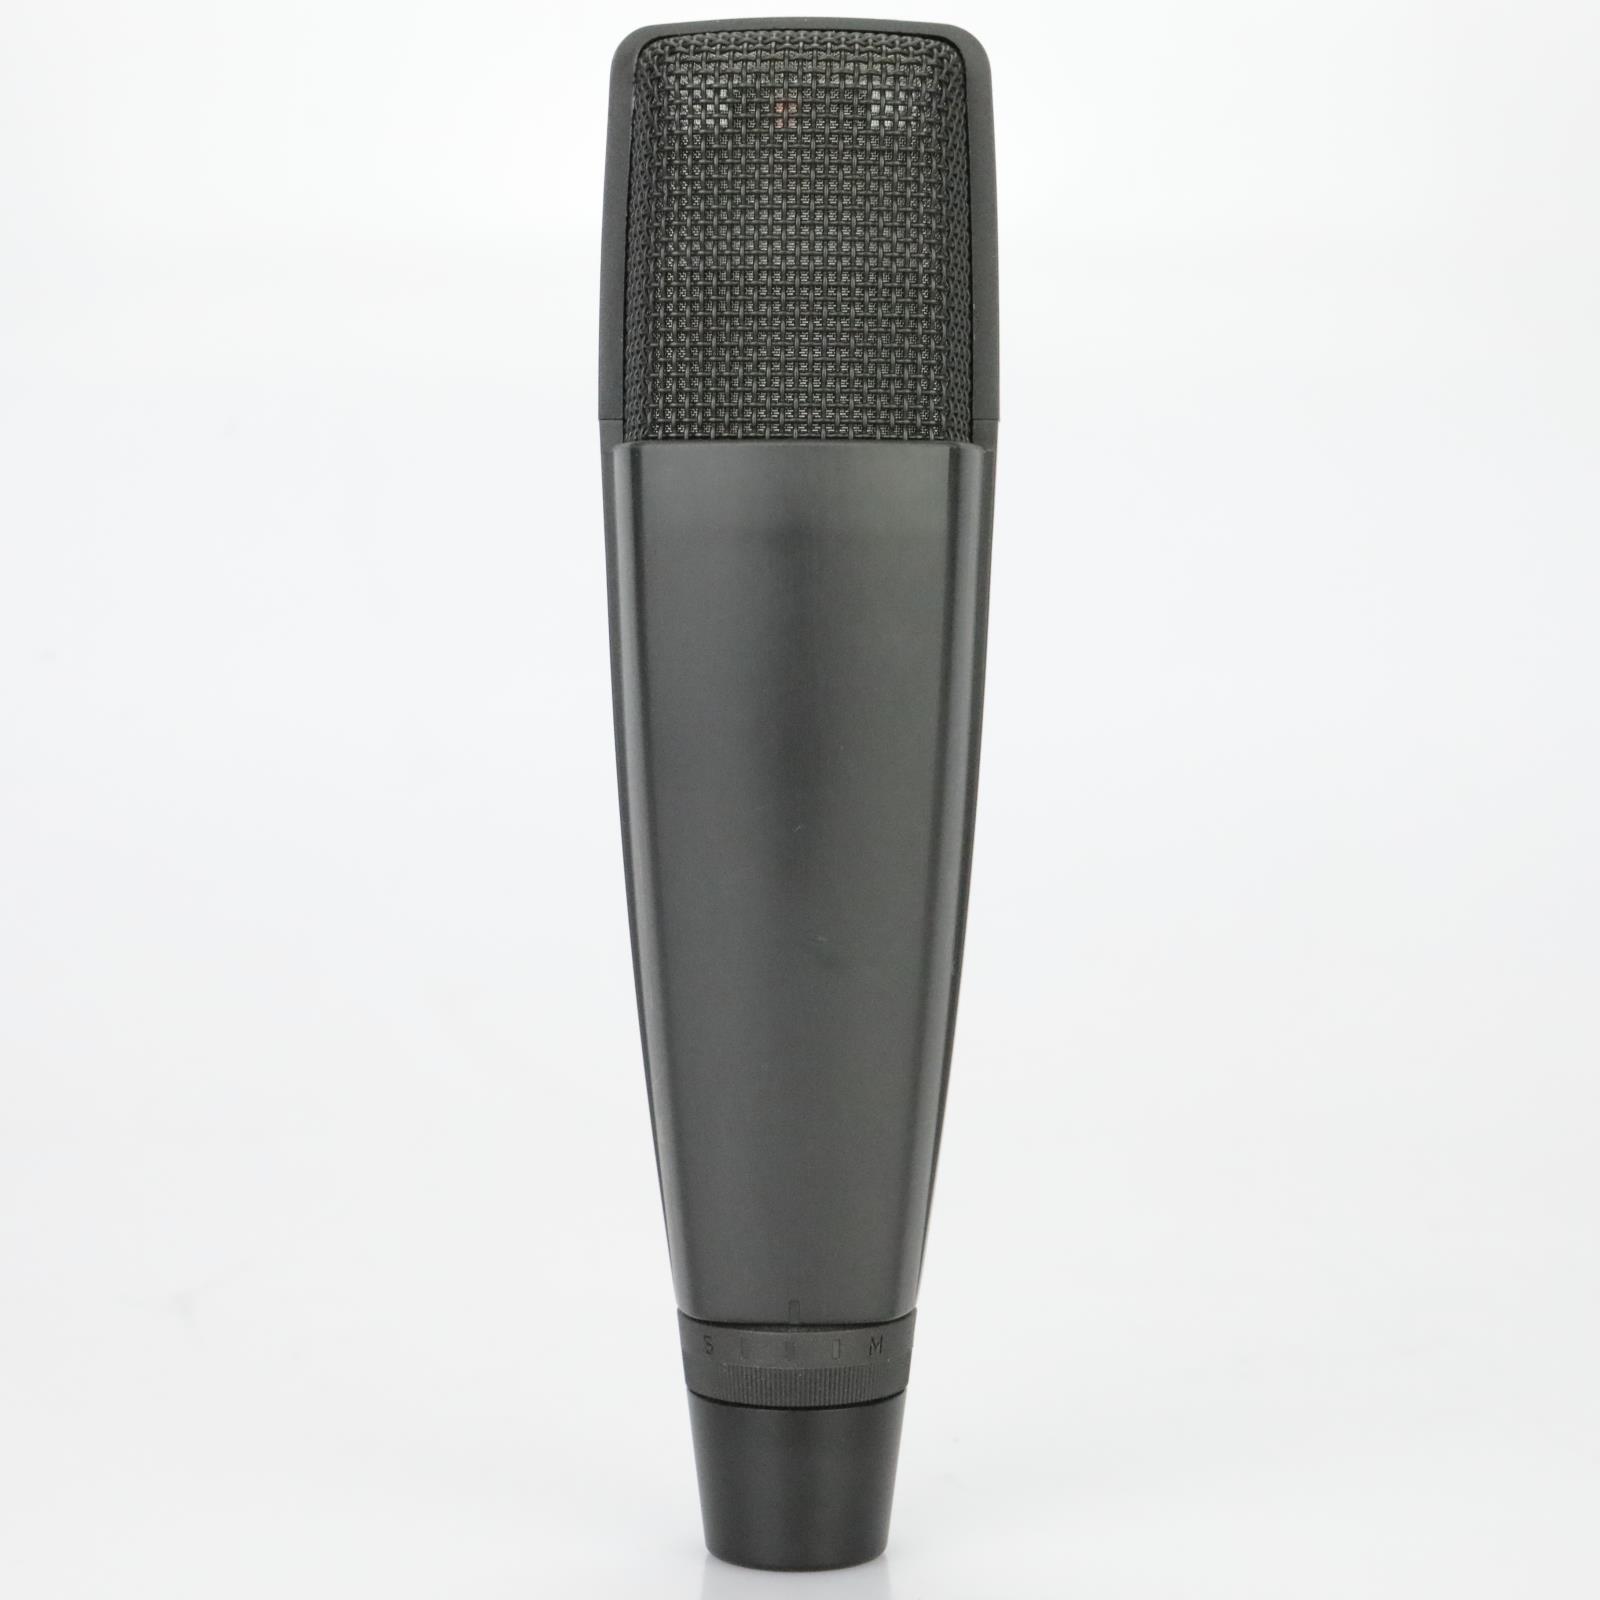 Sennheiser MD421 II Dynamic Microphone #39258